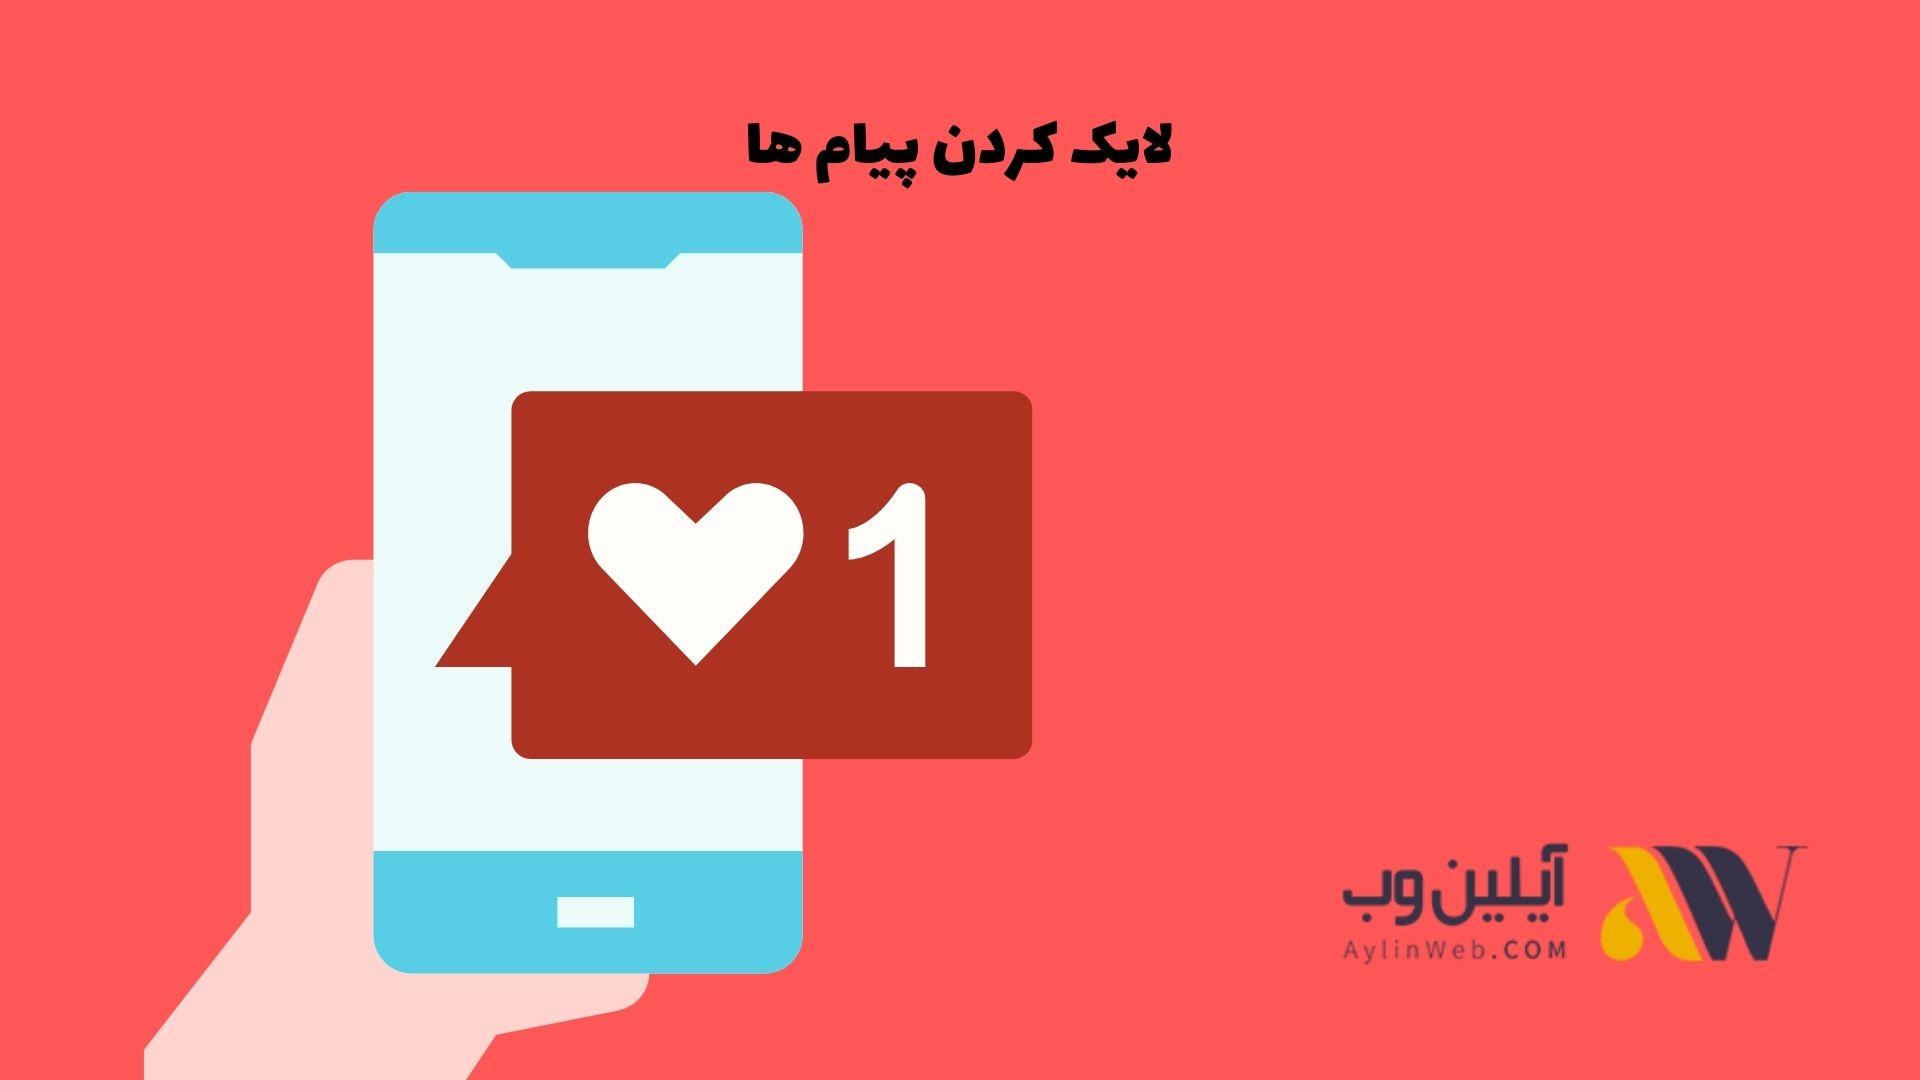 لایک کردن پیام ها